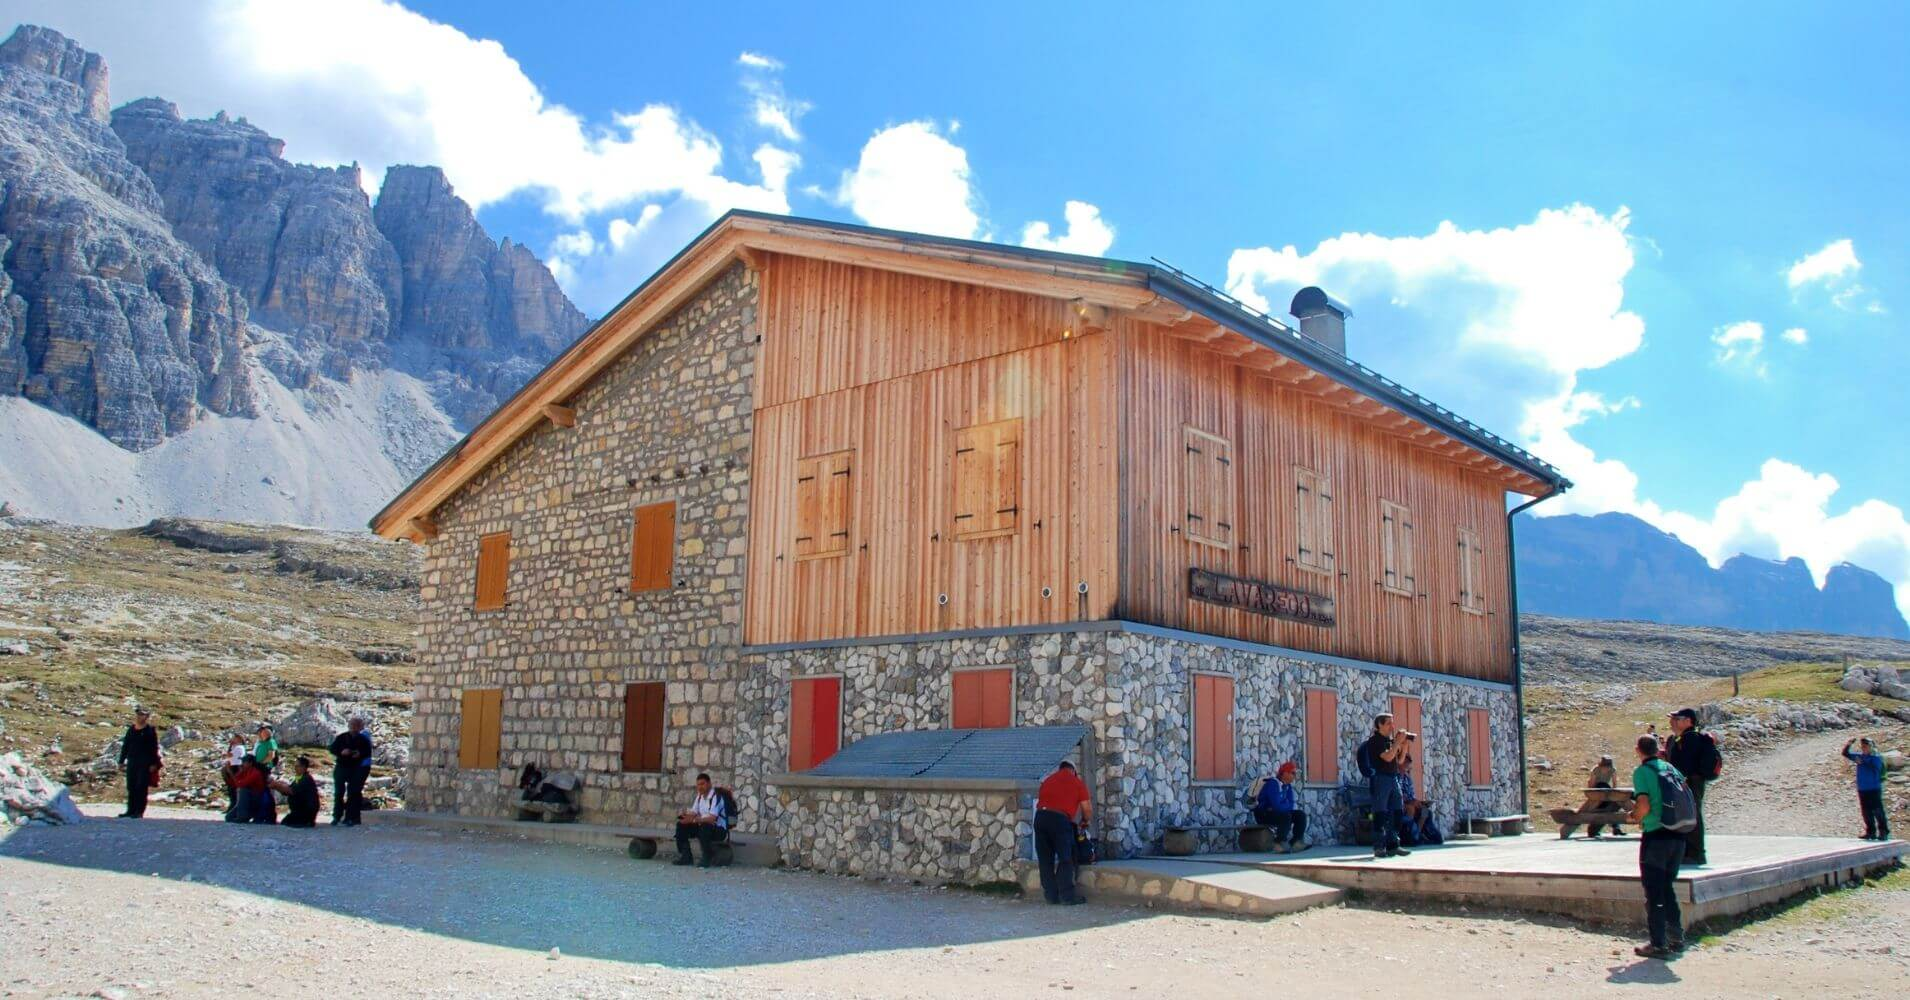 Rifugio di Lavaredo. Alpes Dolomitas. Tres Cimas di Lavaredo. Belluno, Véneto. Italia.